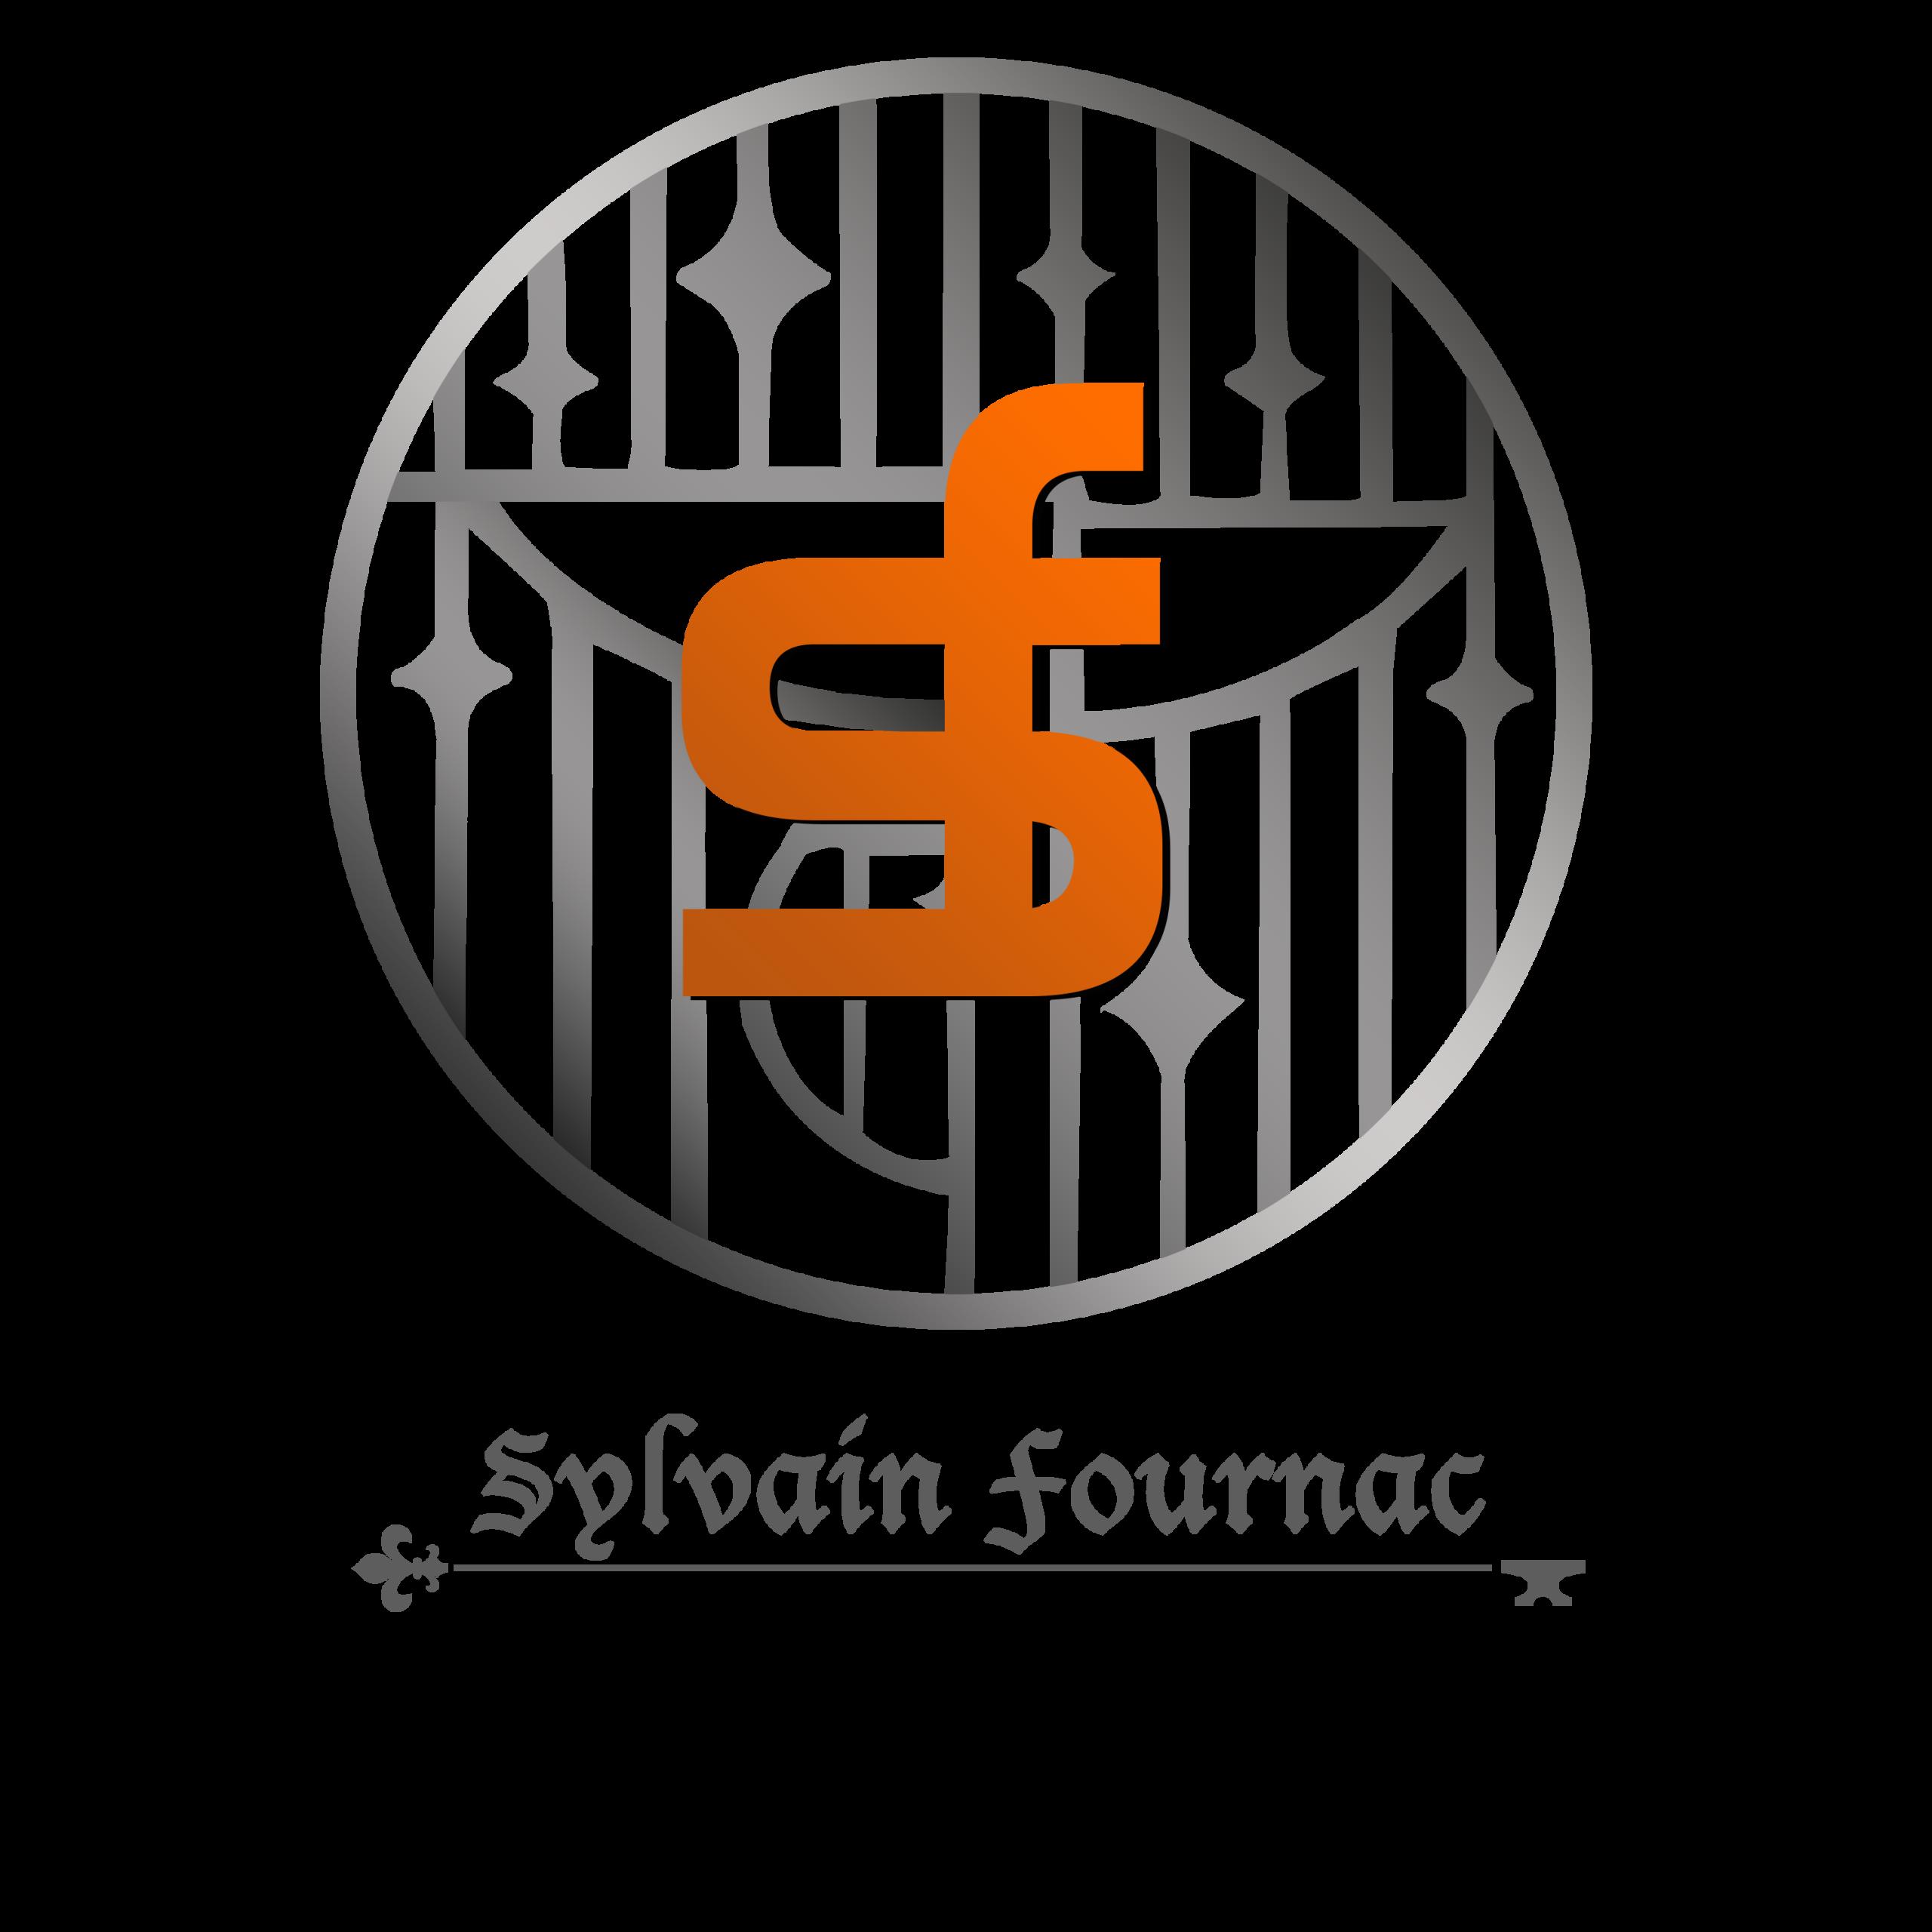 Sylvain Fournac